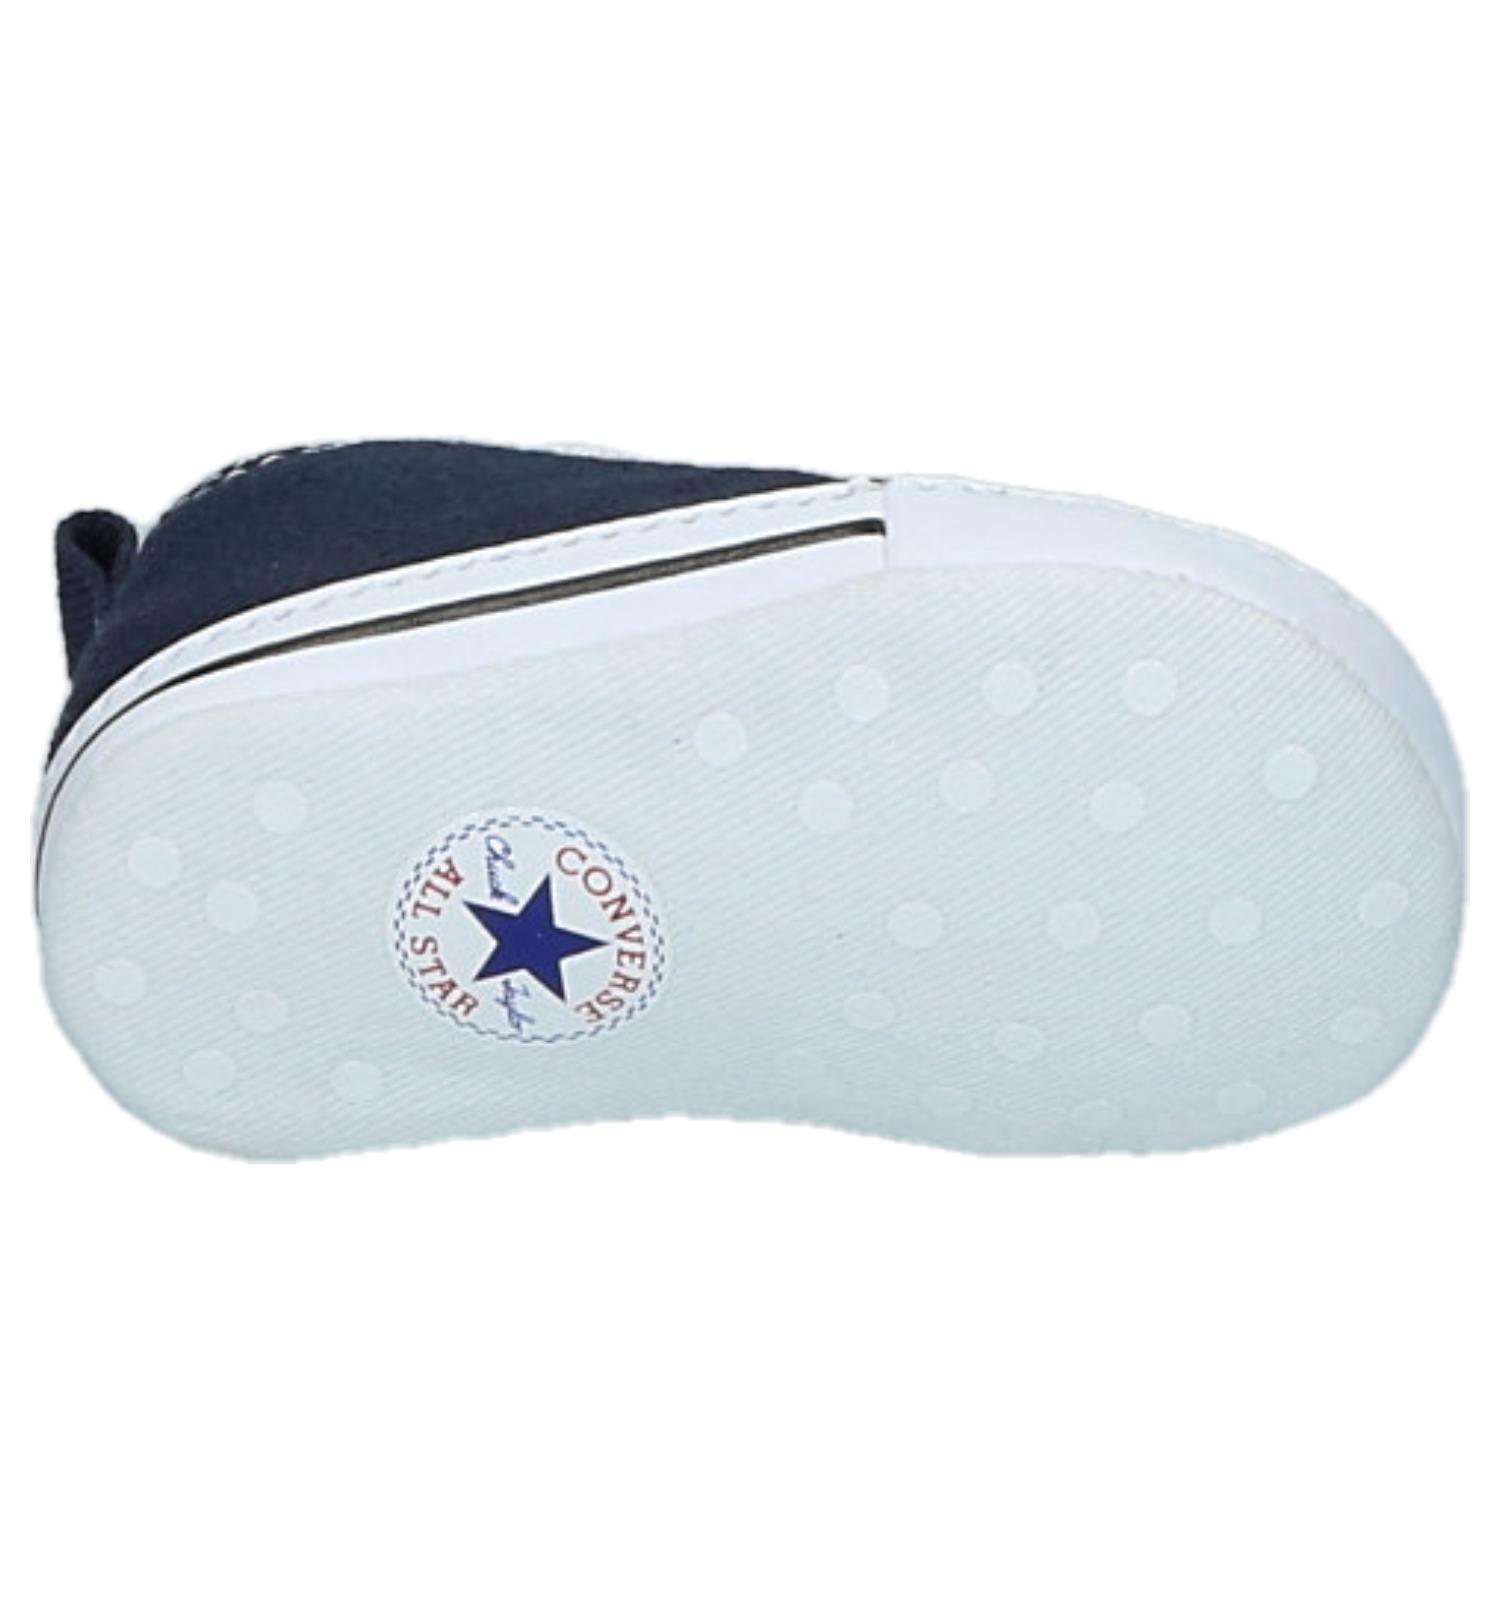 536a605ae540d Converse Baskets pour bébé (Bleu)